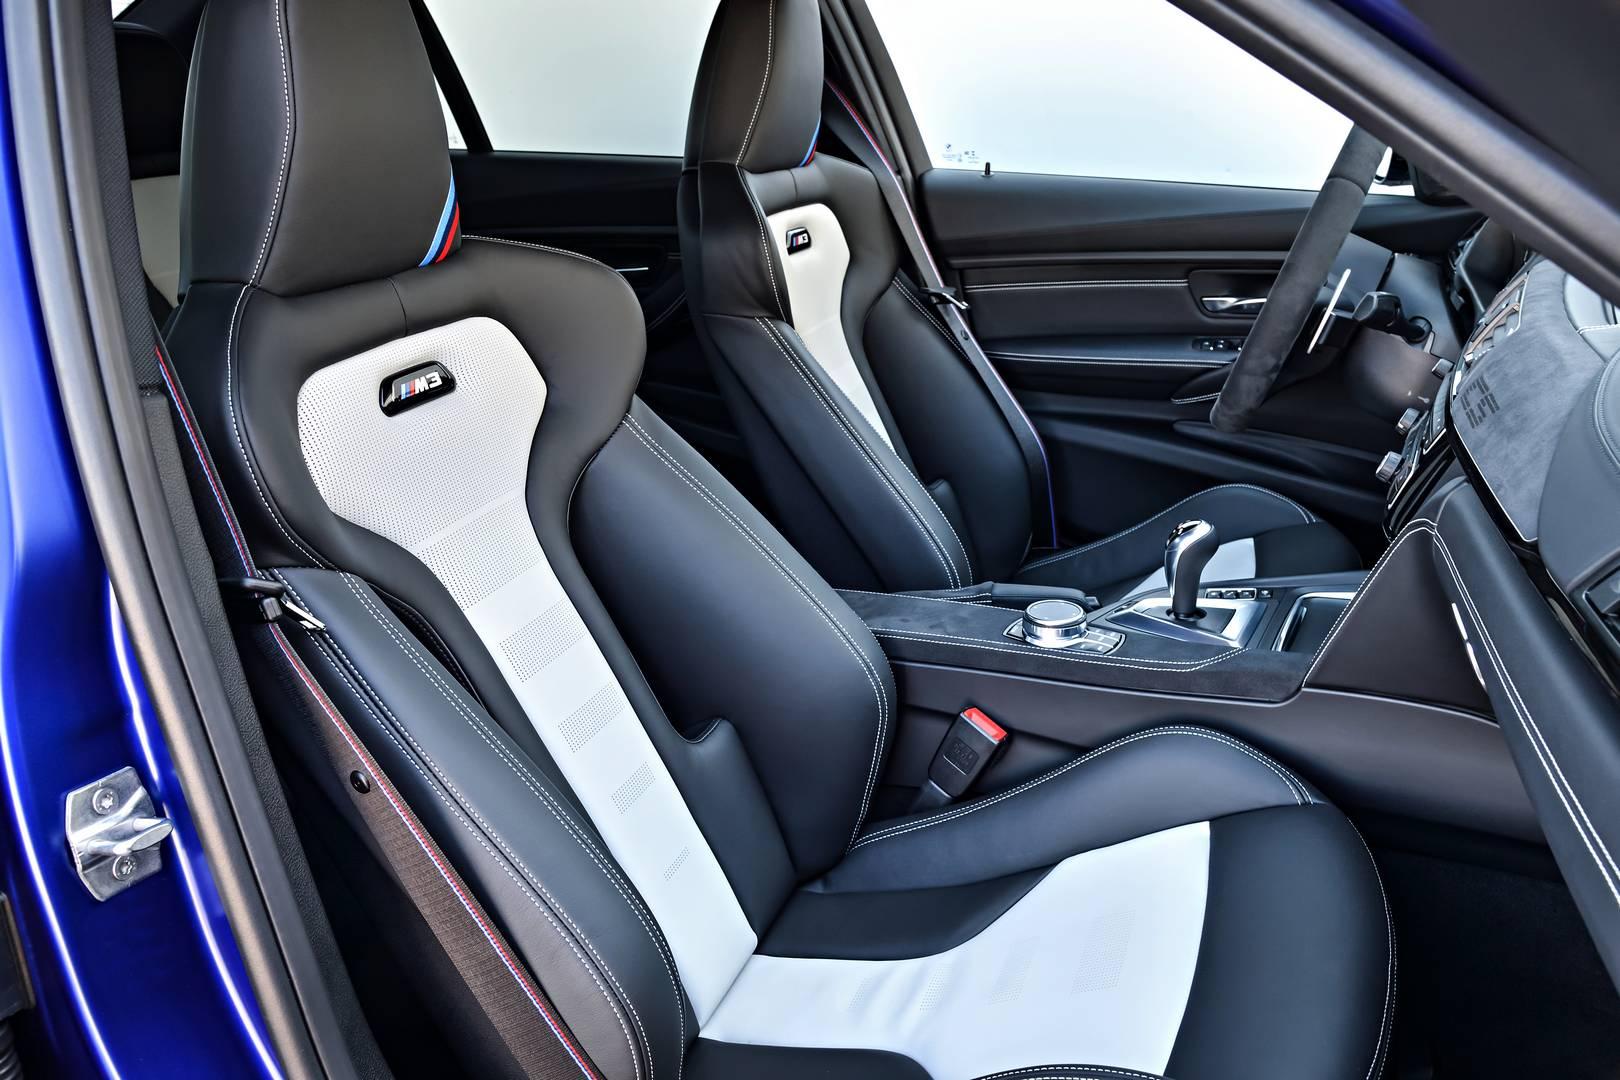 На американском рынке потрясающий BMW M3 CS продается за 97 400 долларов США; в Германии - за 113 700 евро. Тем не менее, вам повезет, если вы его получите. Всего 1200 экземпляров планирует построить BMW.